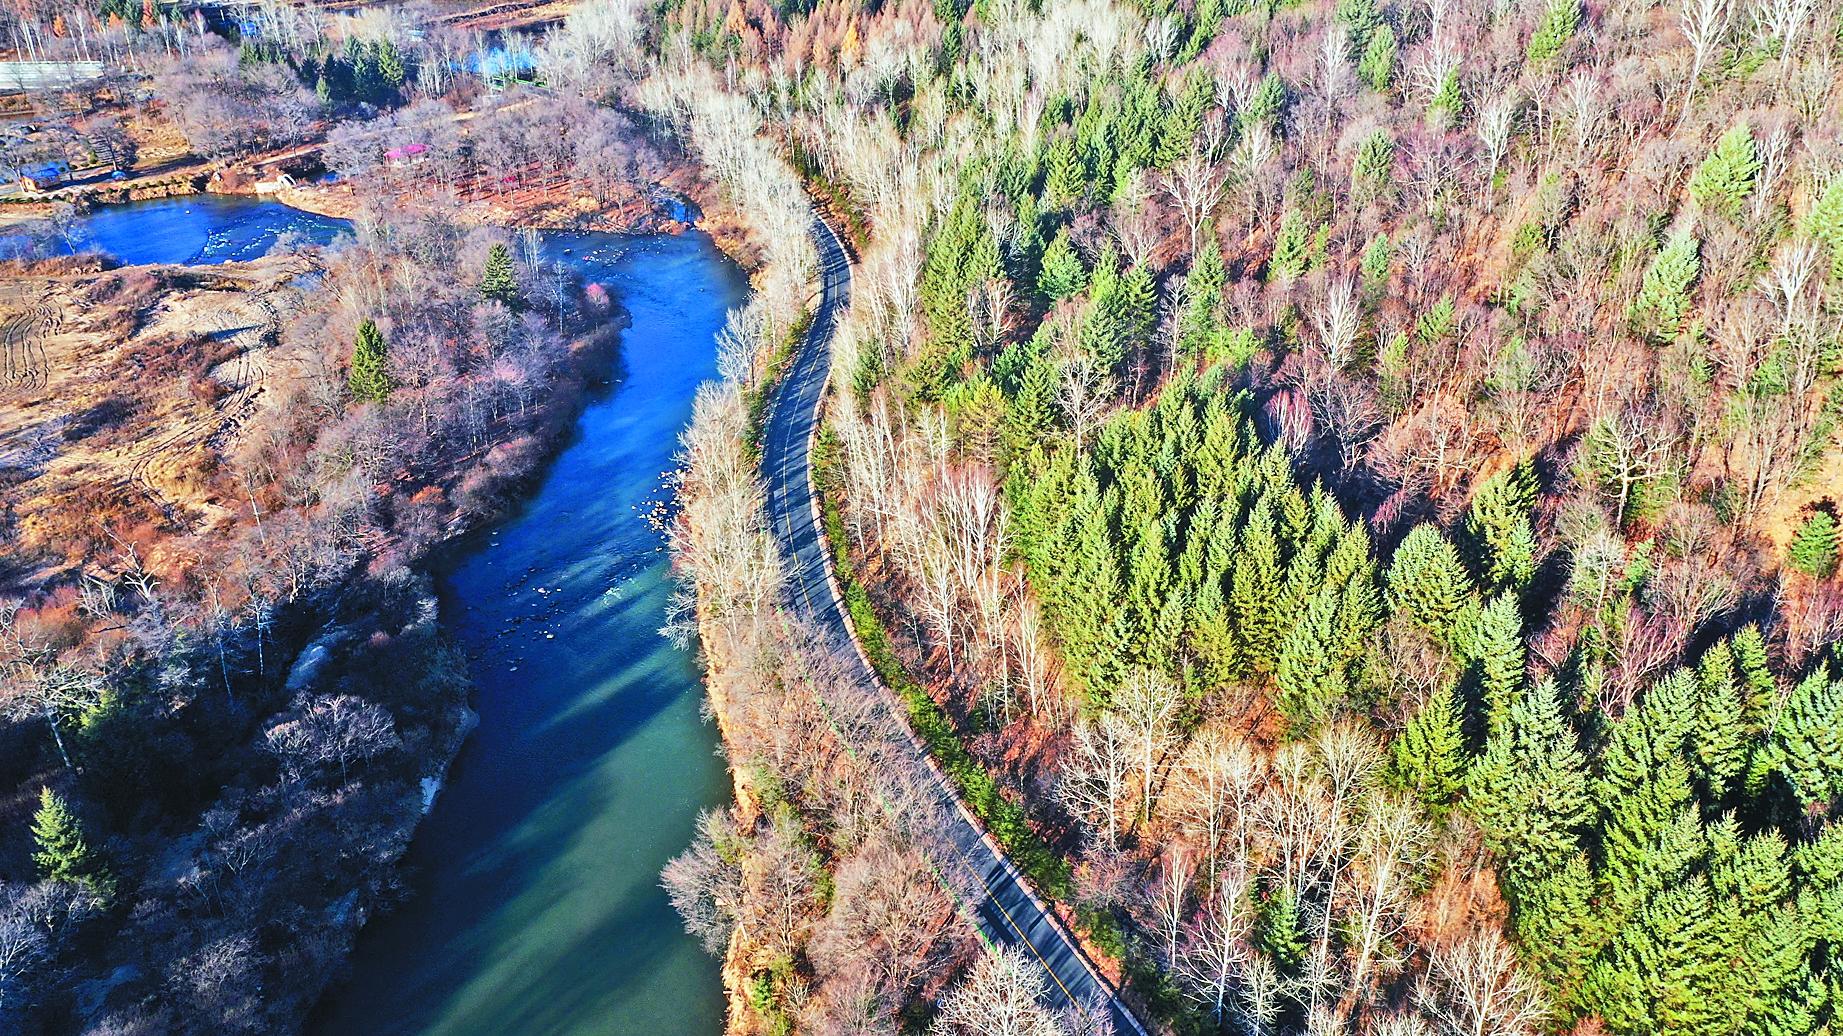 我省林区产业路旅游路规划1600公里 占全国39%